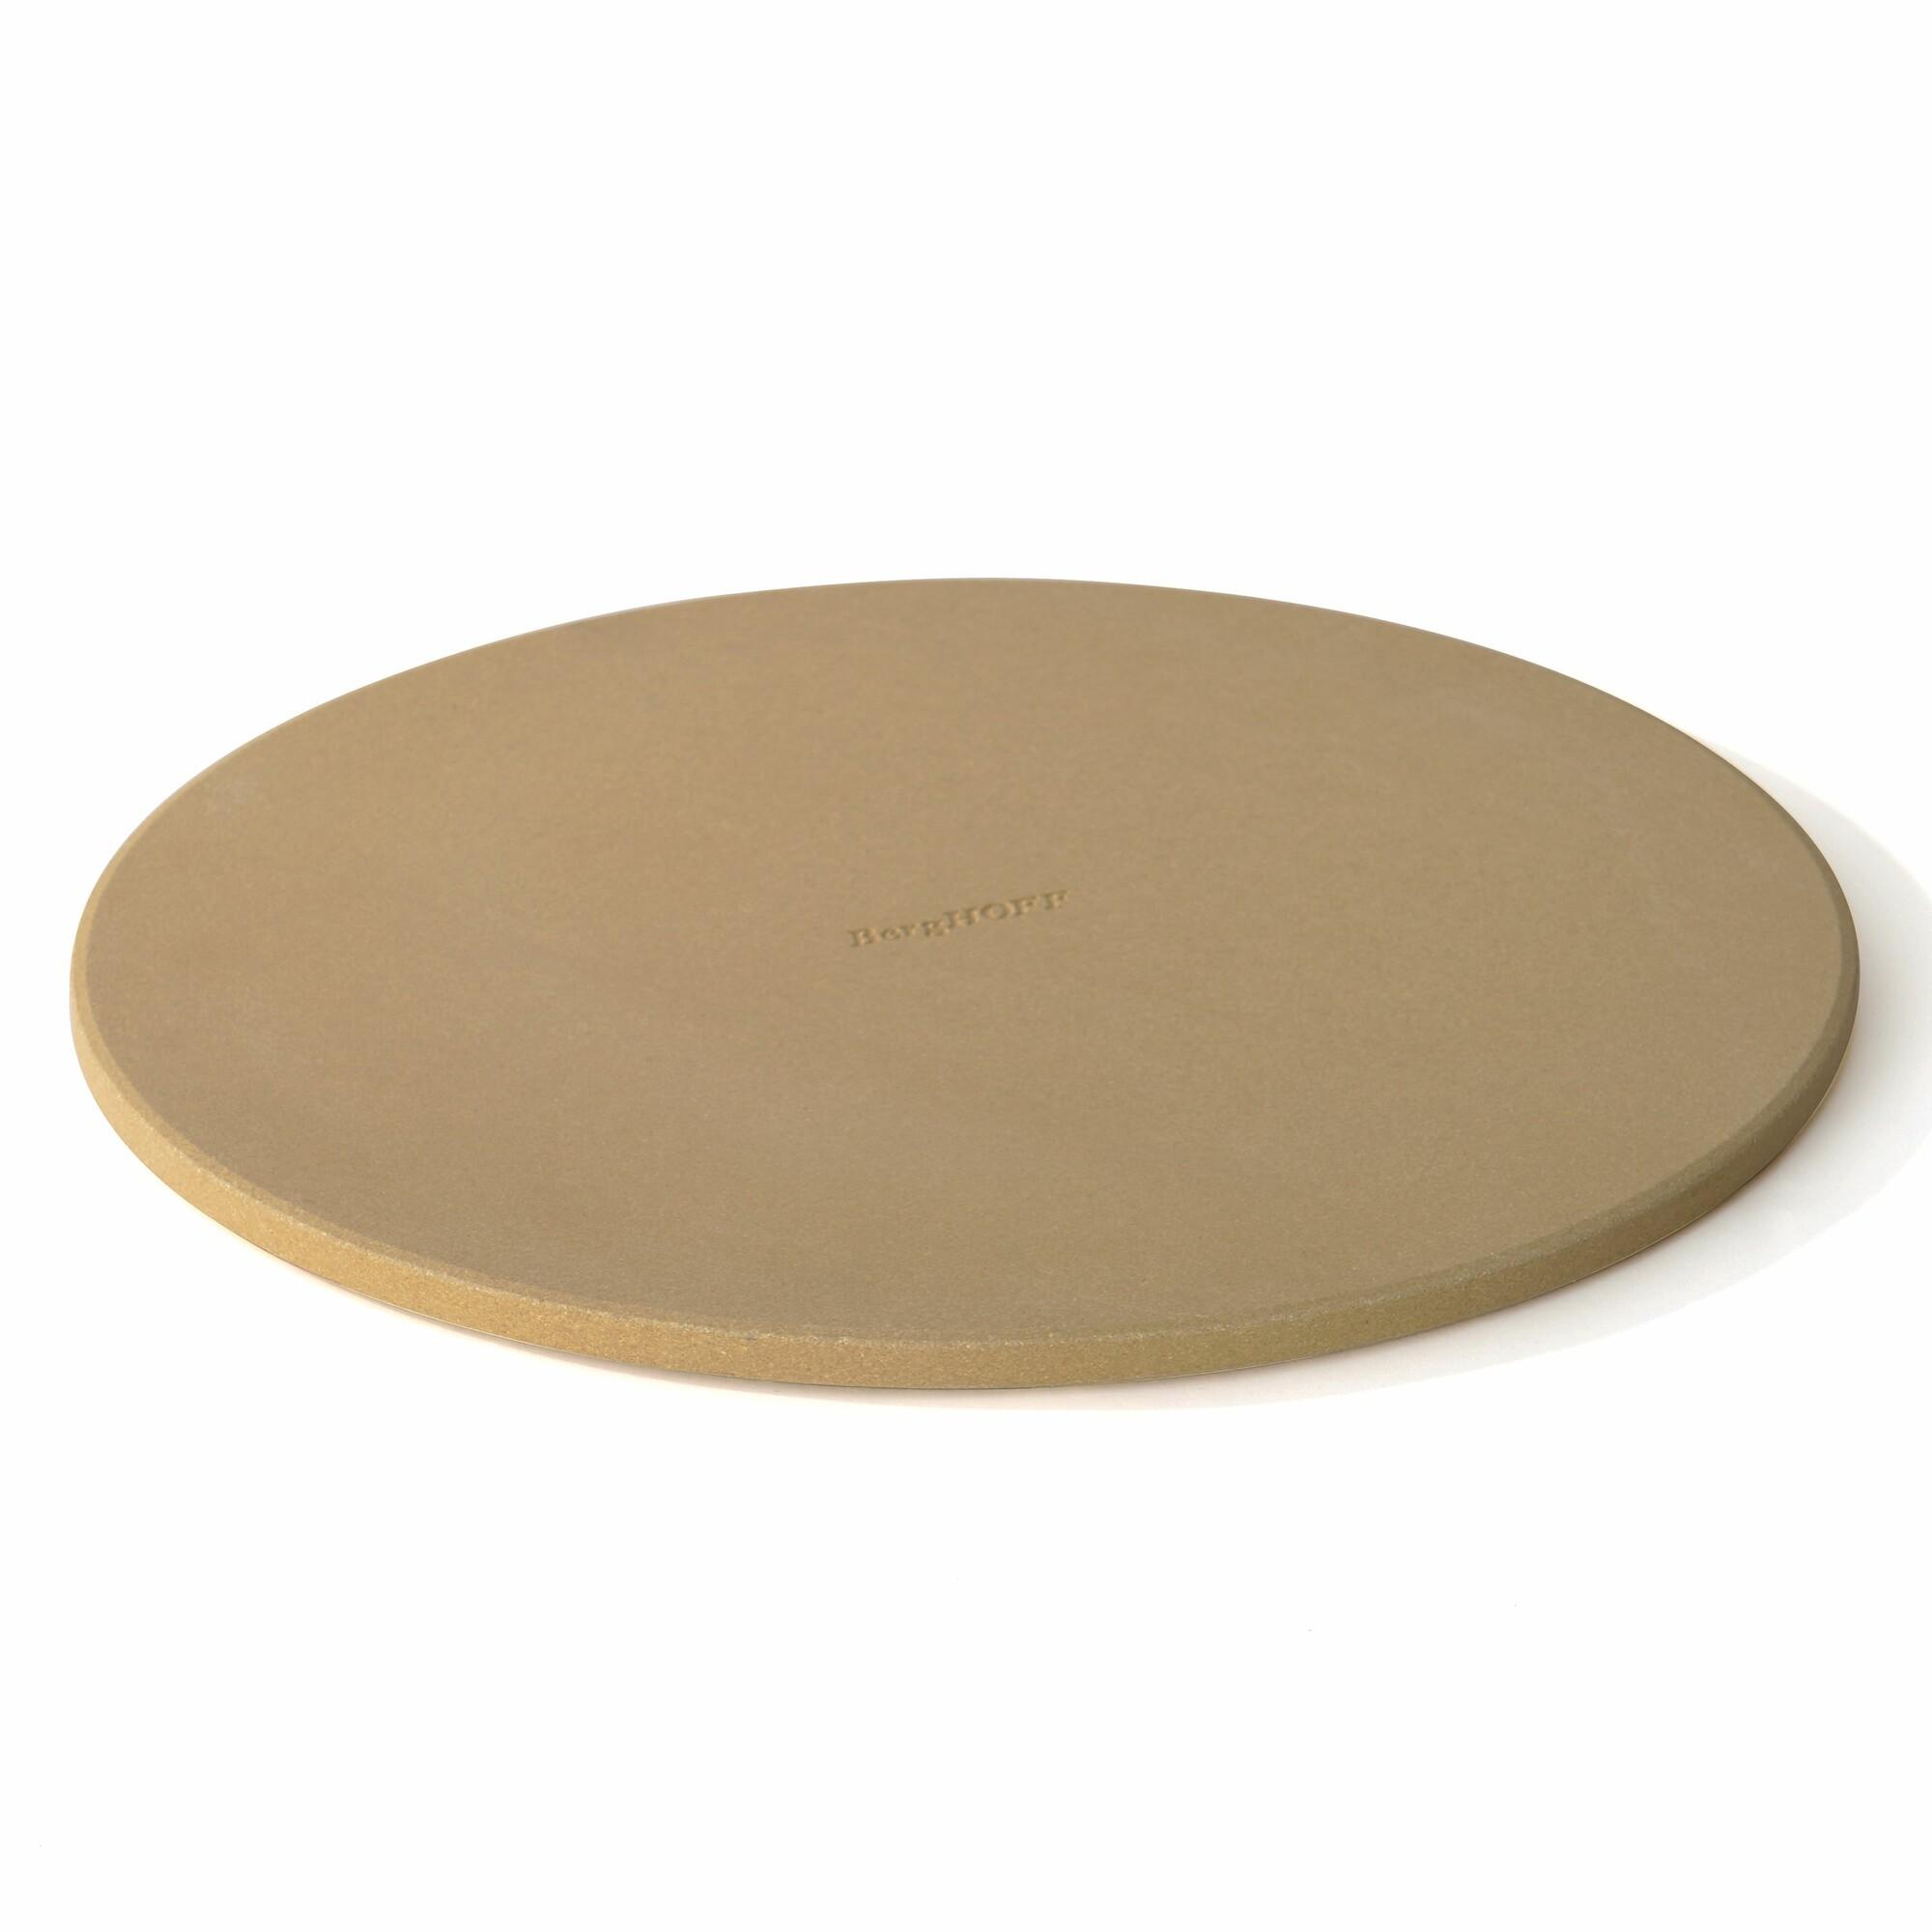 Pierre à pizza et à pain en céramique D36 cm